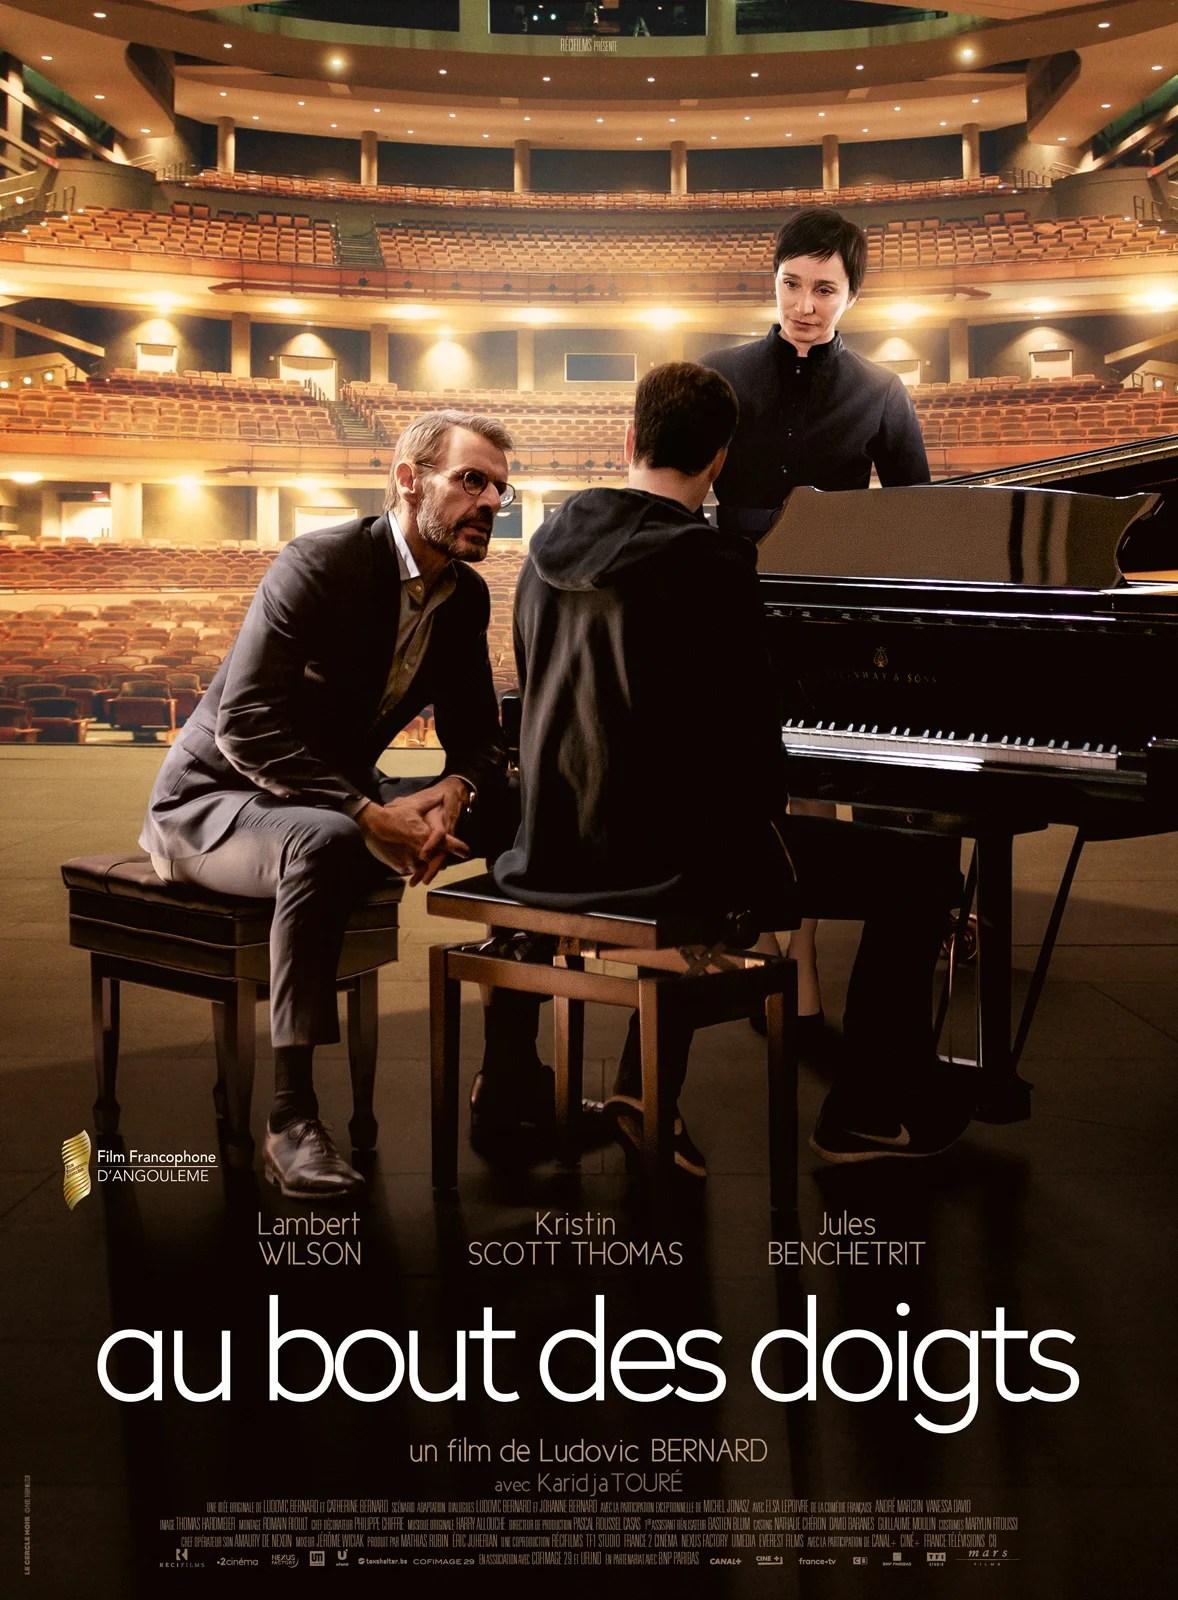 Musique Du Film Le Pianiste : musique, pianiste, Doigts, AlloCiné